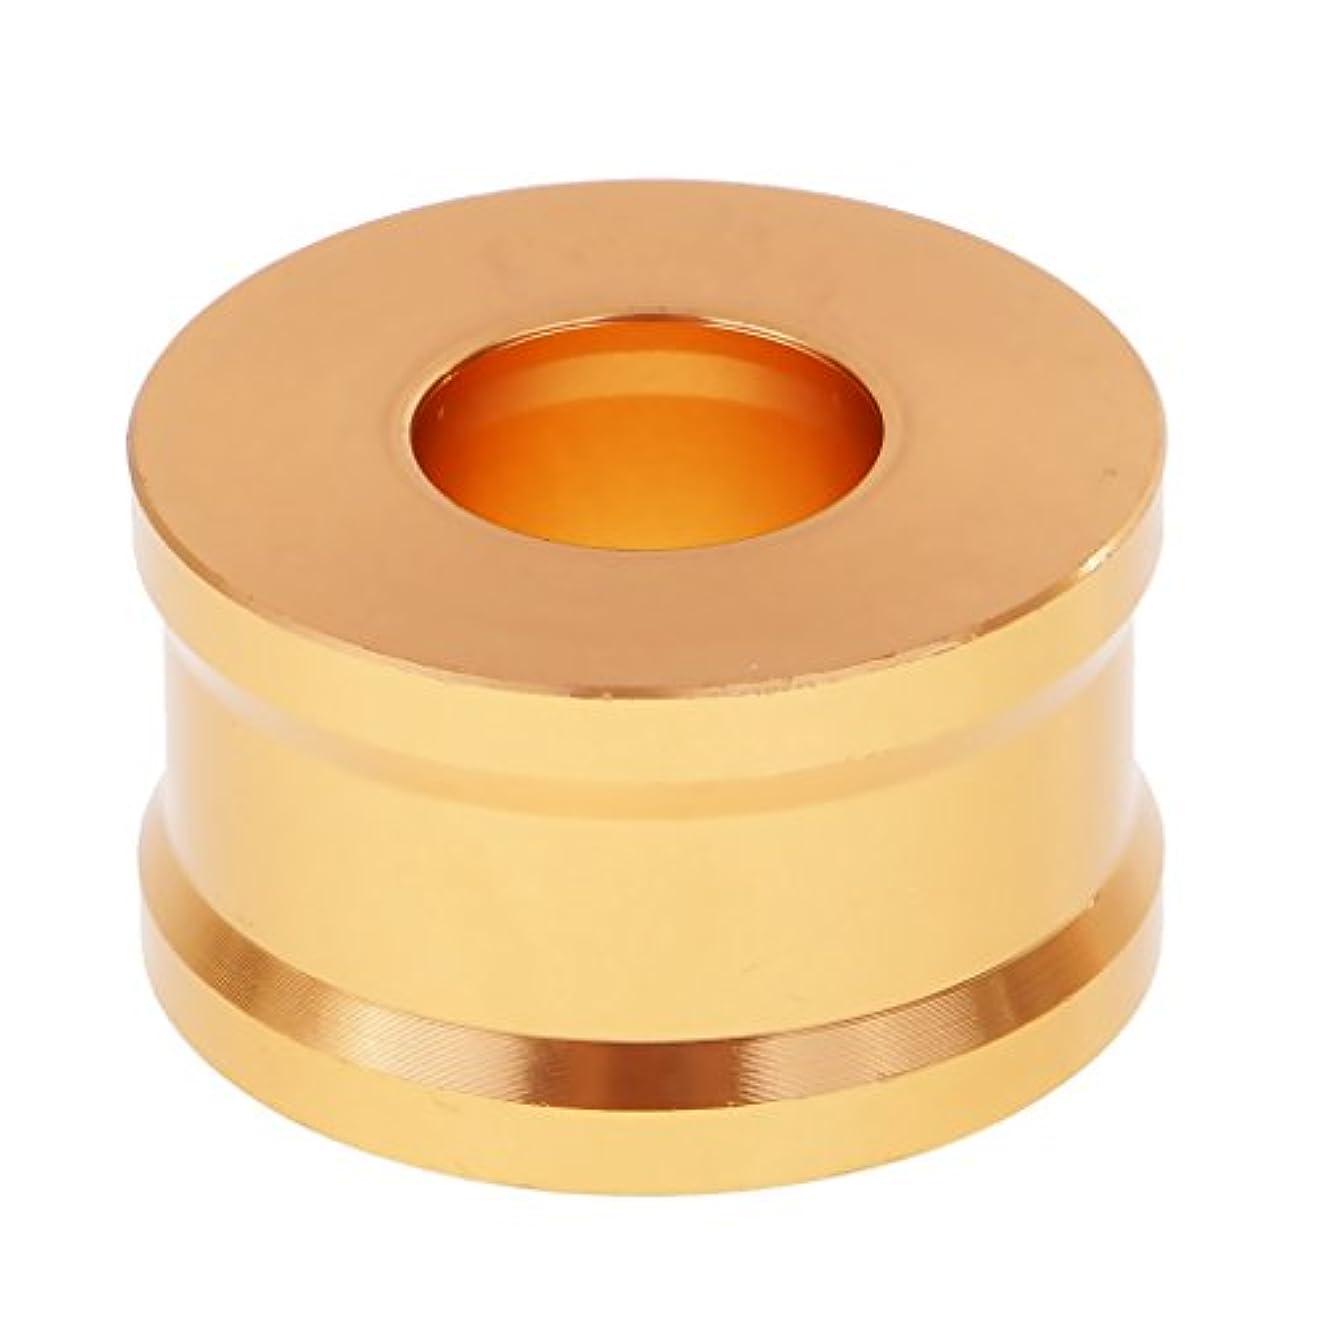 代表するみなさんディスク12.1ミリメートルチューブのためのDIYの口紅の型リングのリップクリームDIY金型メイクアップツール